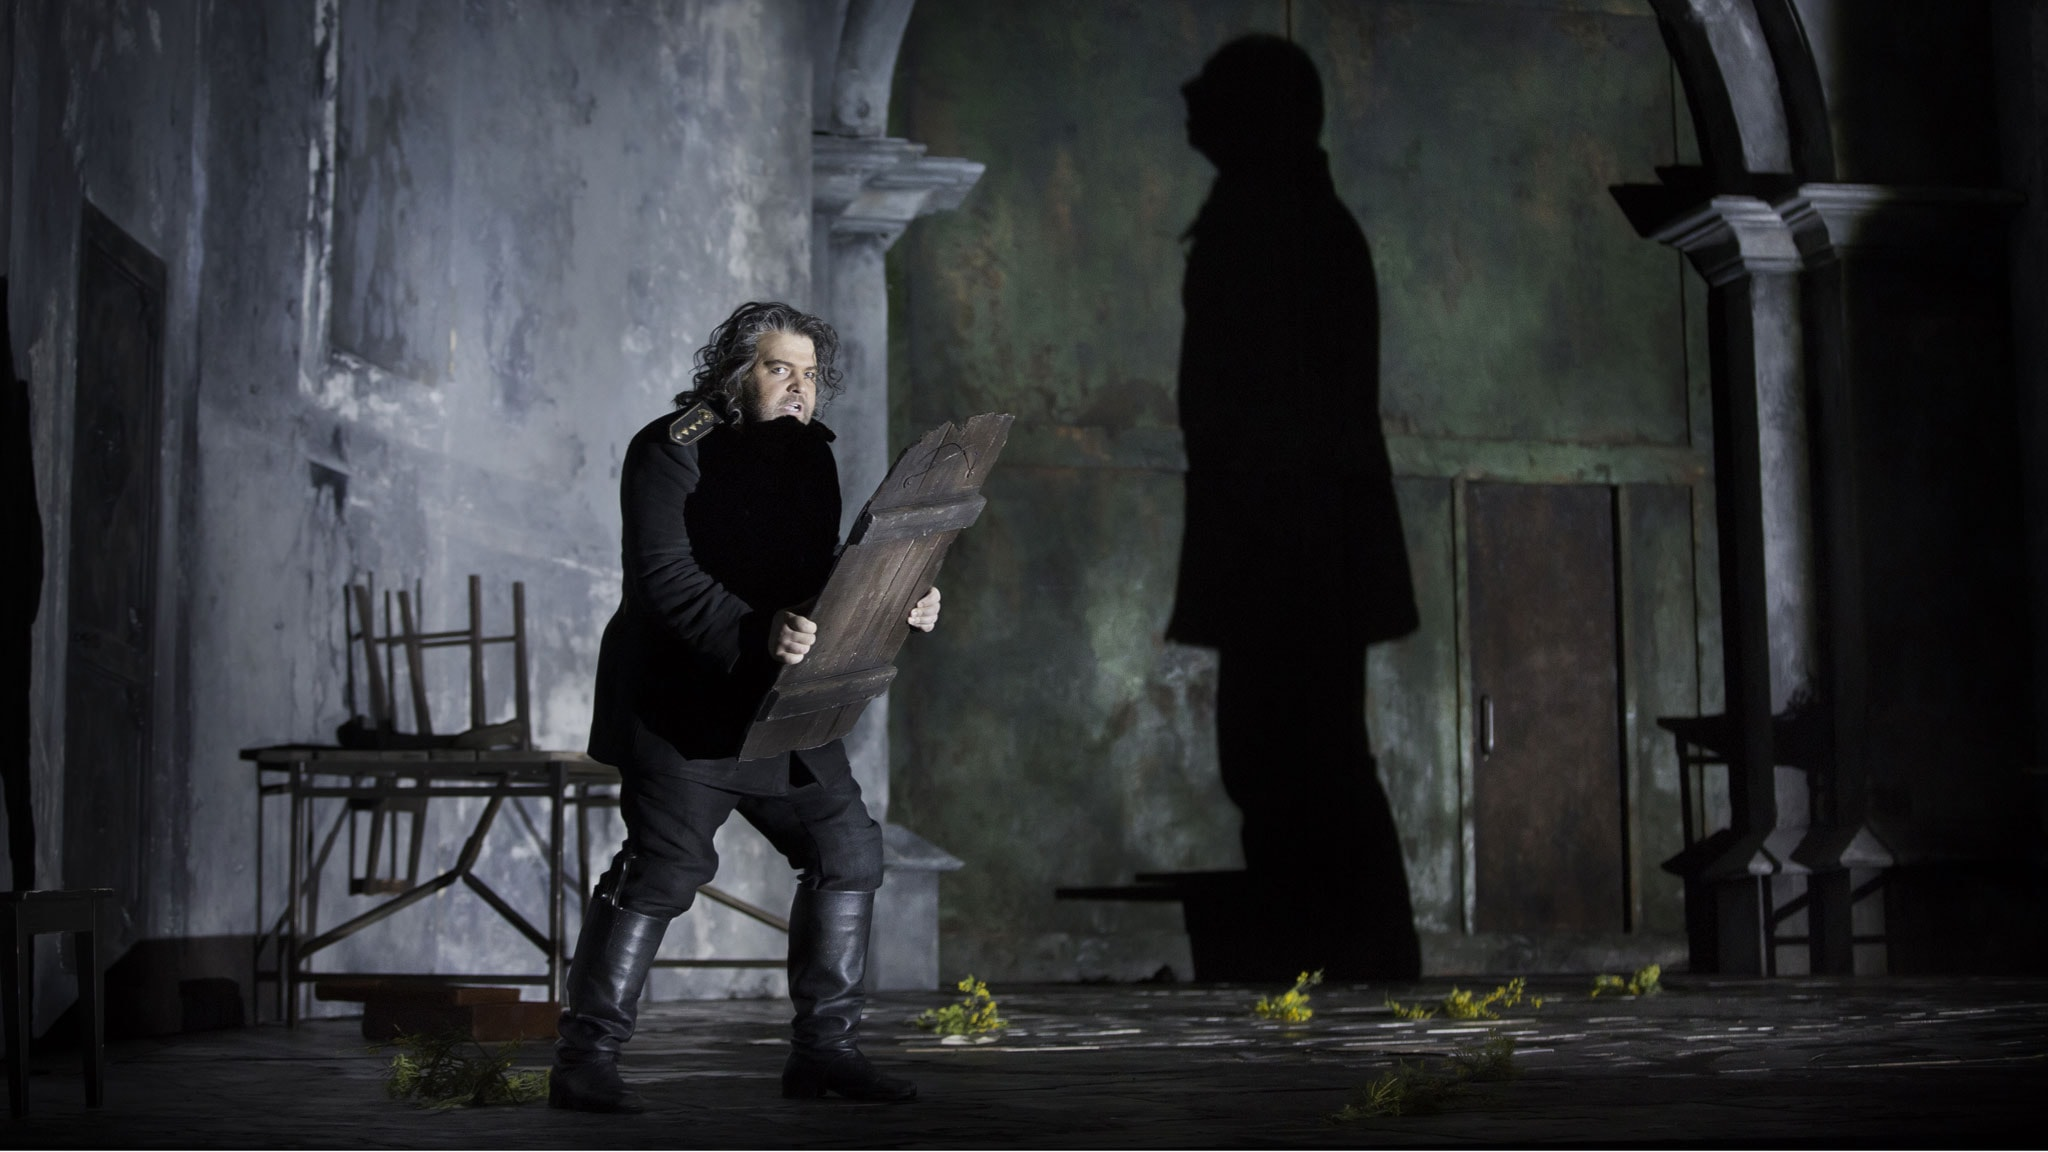 Två gånger Verdi med Otello och Aida